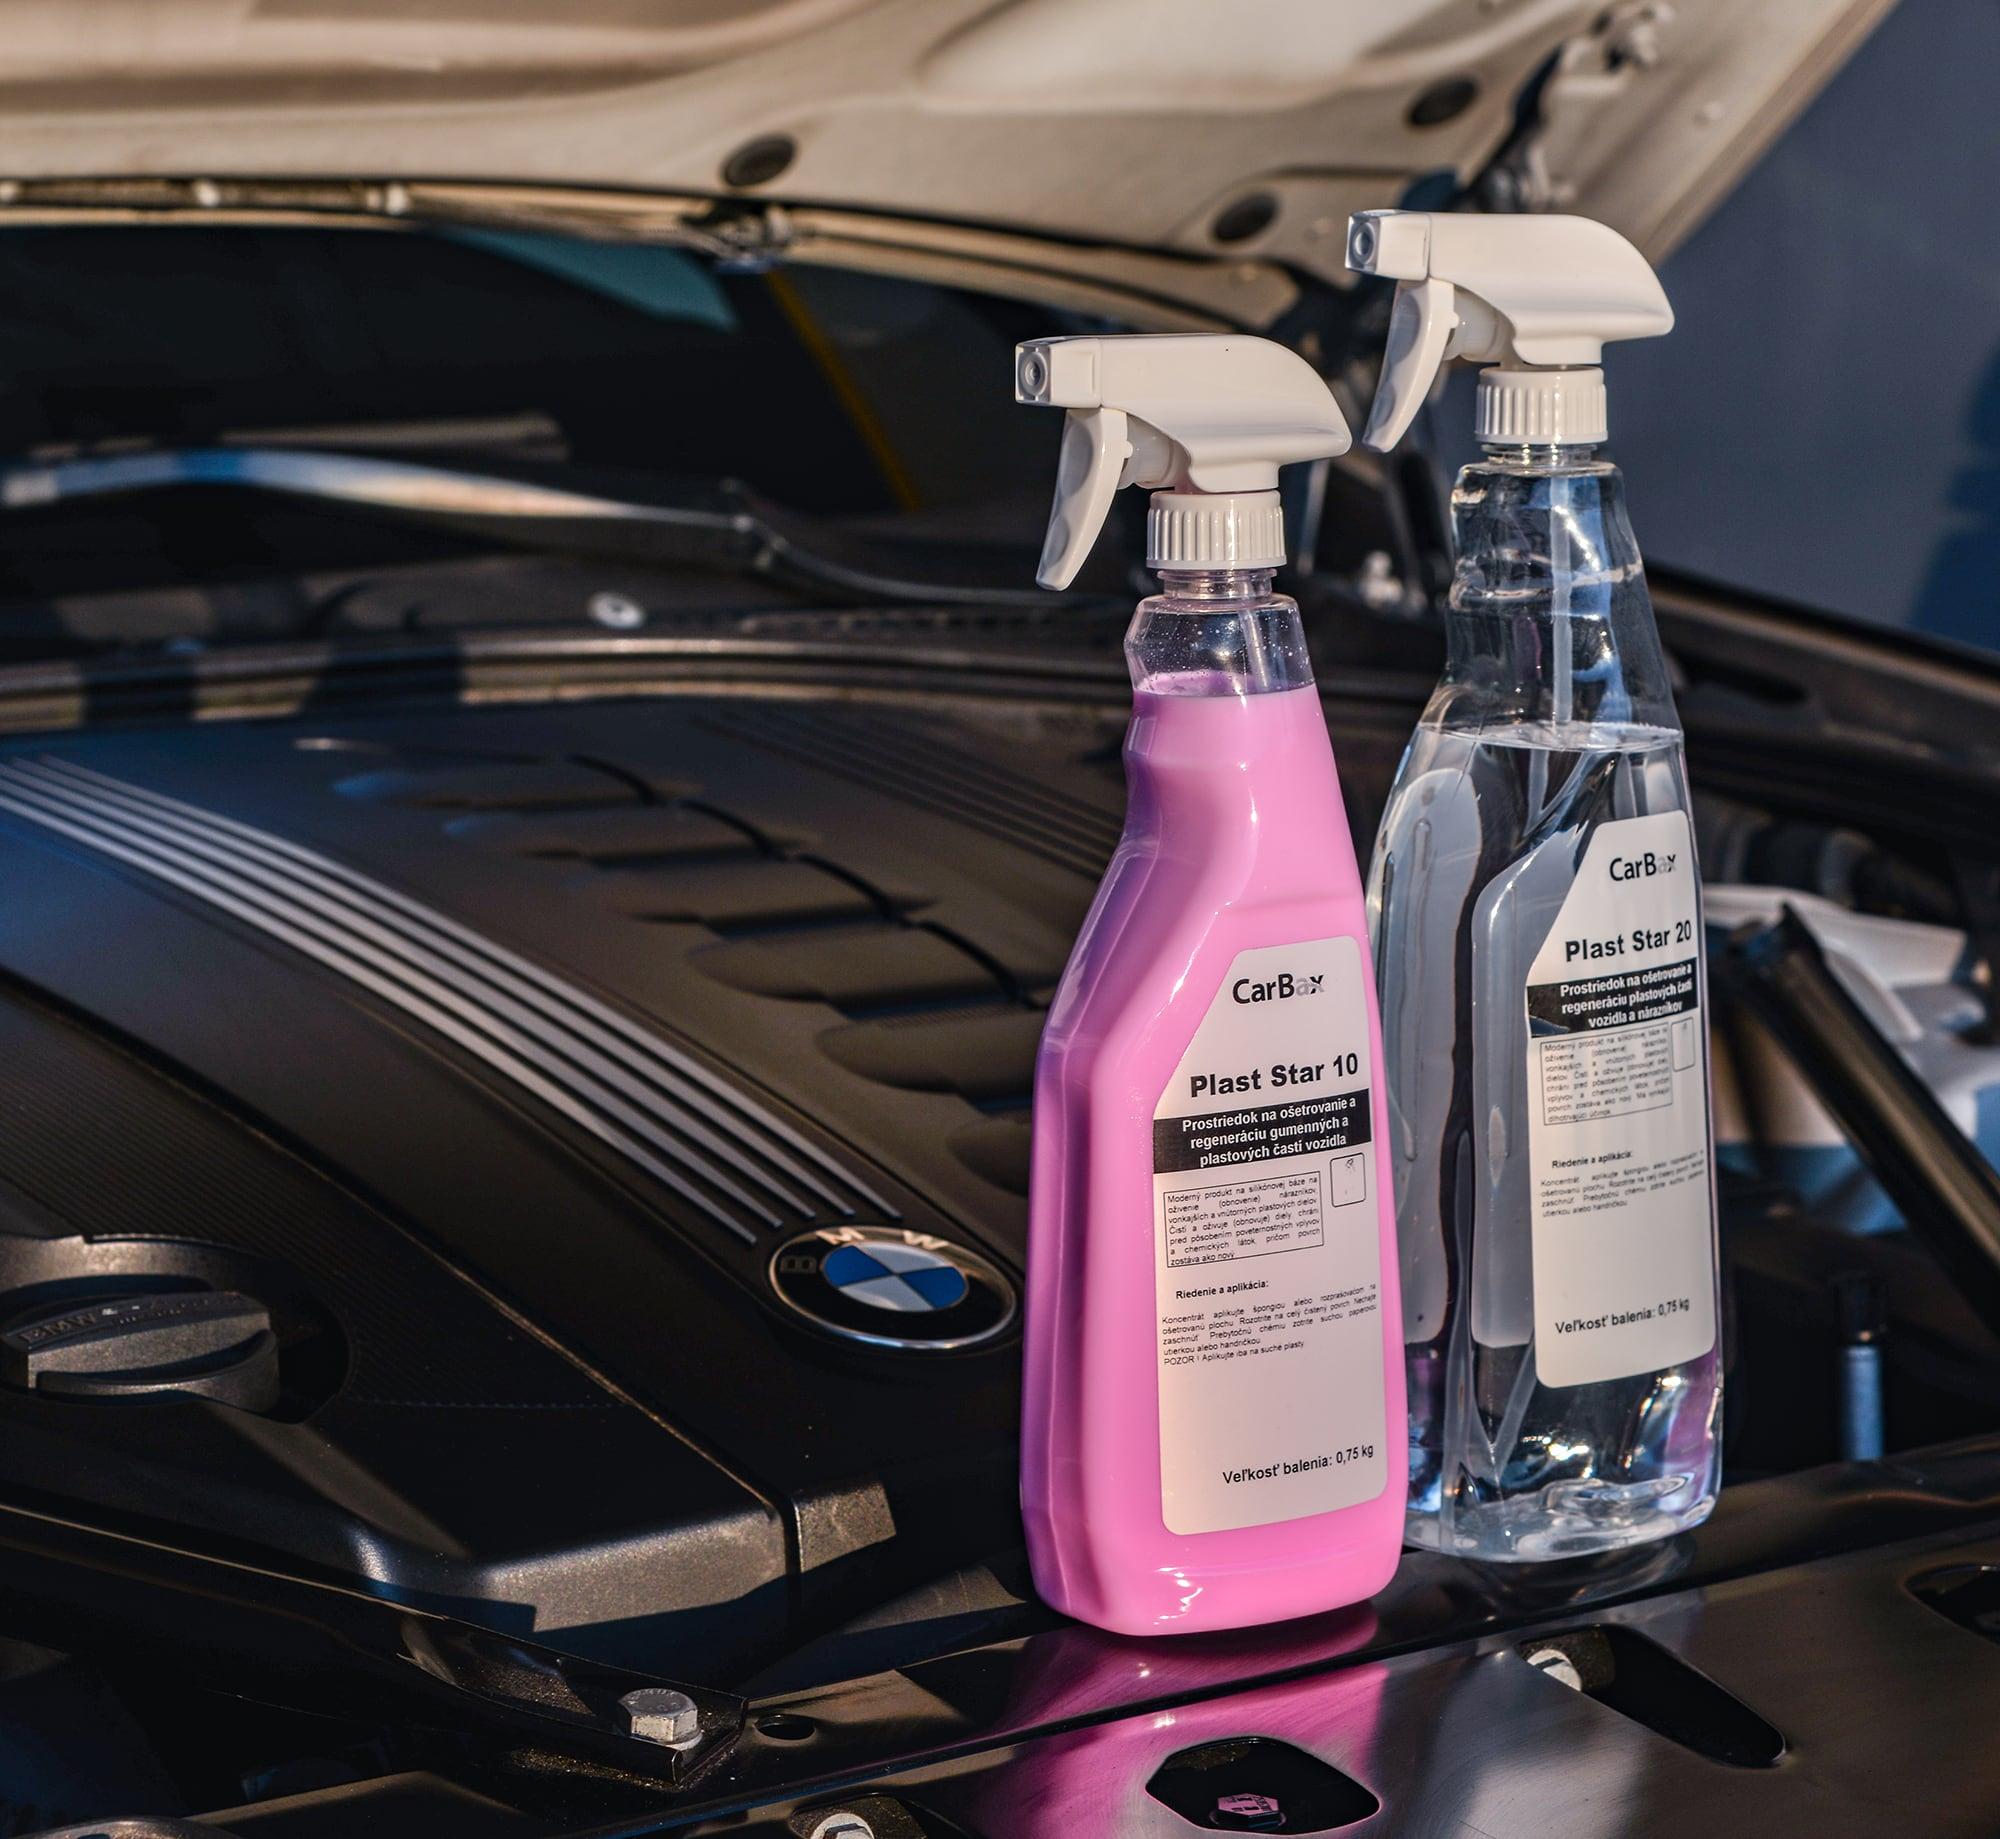 Plast star - INTERIÉR A EXTERIÉRProdukty Plast Star 20 a Plast Star 10 sú ideálne pre bežnú starostlivosť o plastové interiérové a exteriérové časti vozidiel. Plastový povrch dôkladne vyčistia a pri pravidelnom používaní im navrátia pôvodnú farbu a lesk.